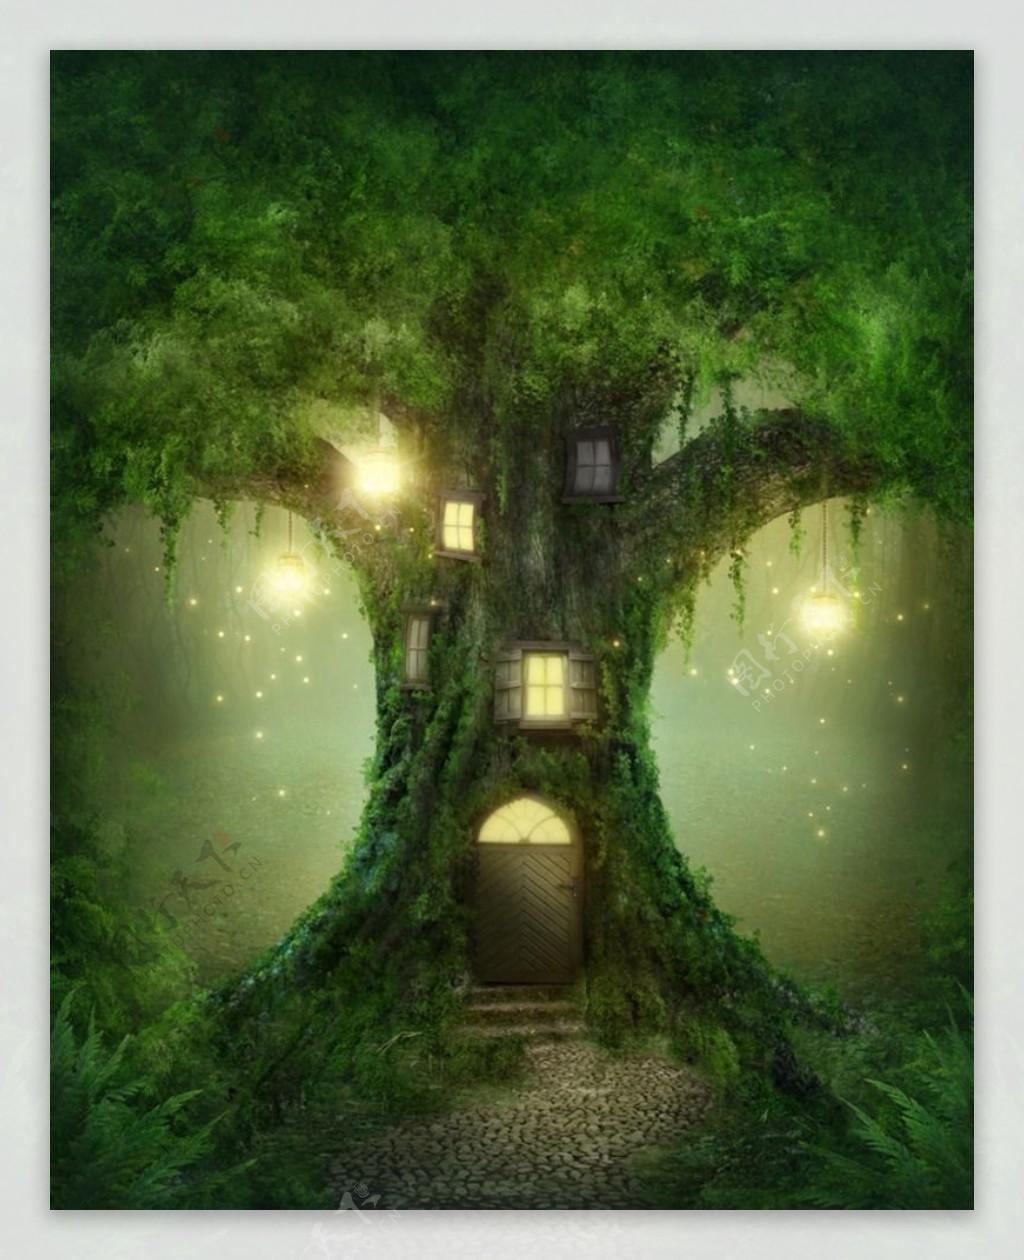 树屋大门图片